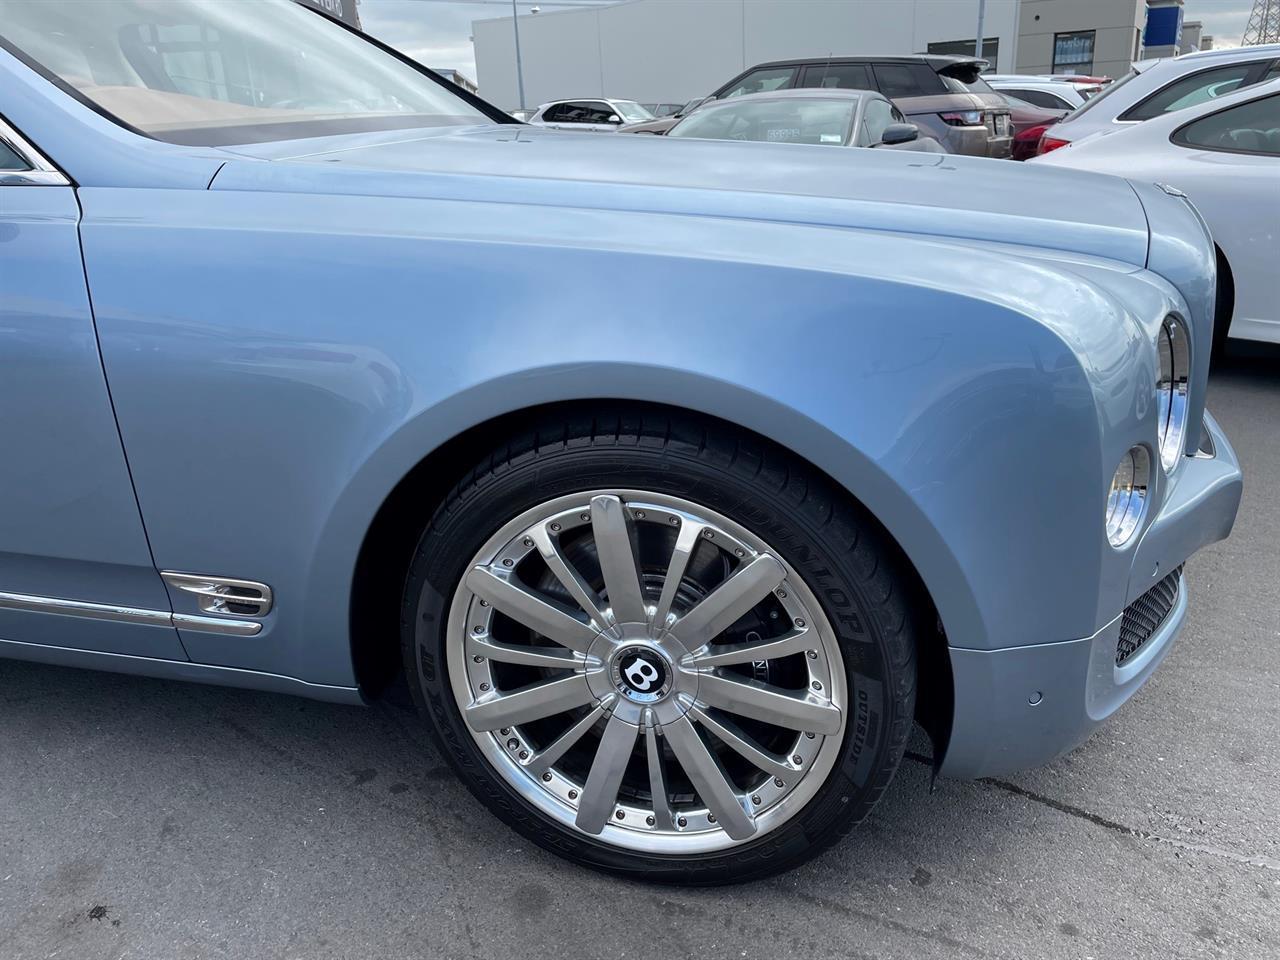 image-17, 2014 Bentley Mulsanne 6.7 V8 Turbo Mulliner at Christchurch